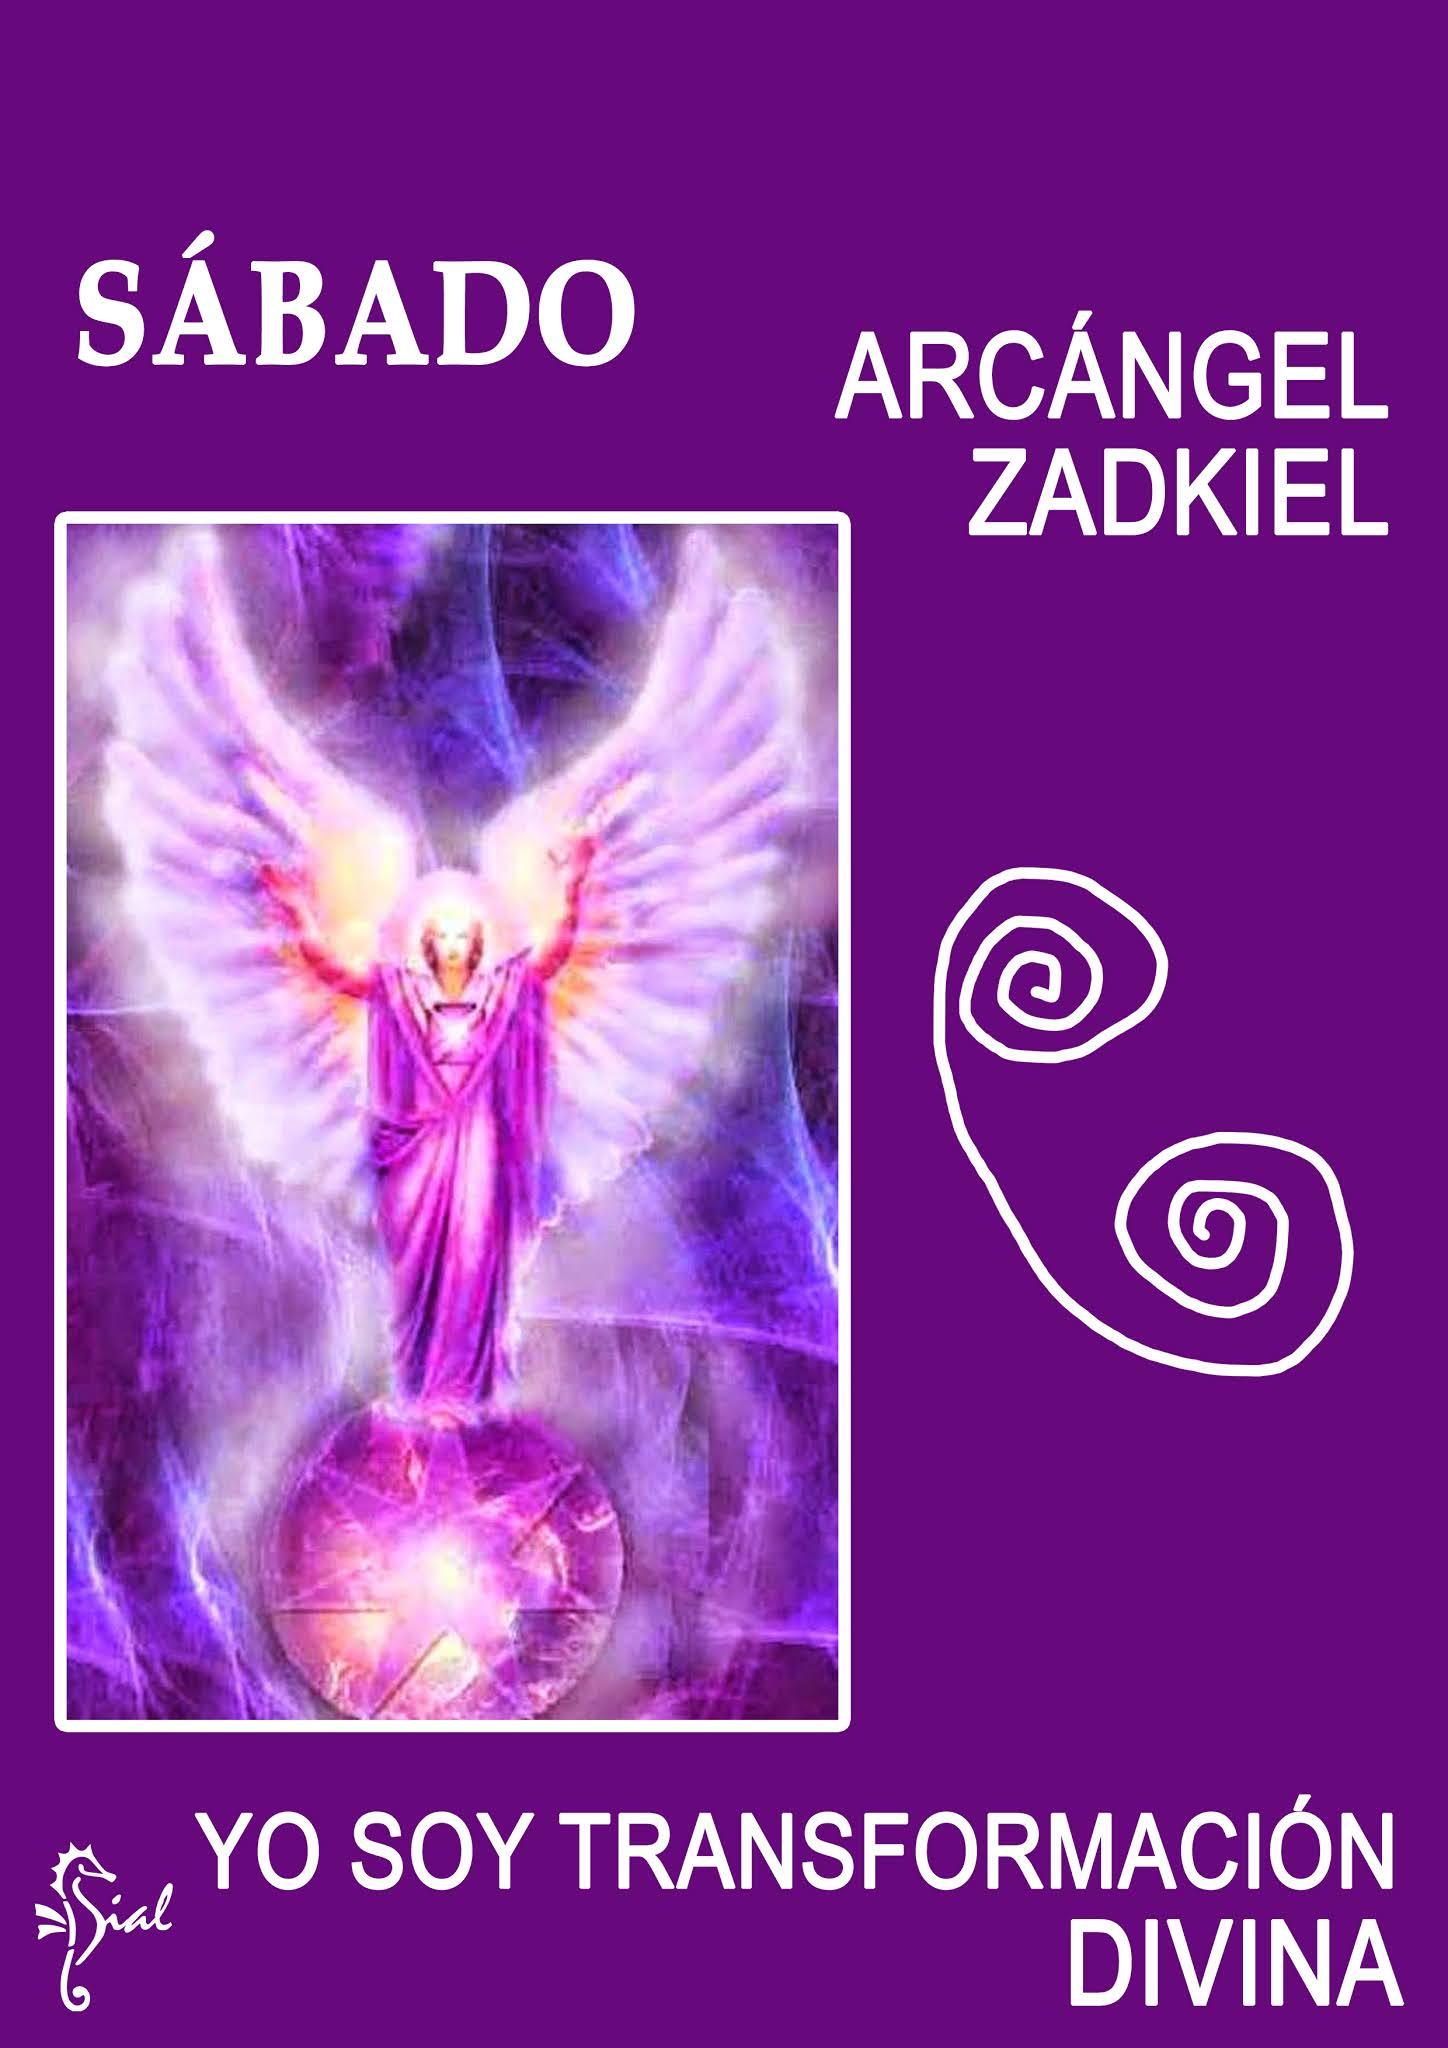 Arcángel Zadkiel - ángeles de la transmutación